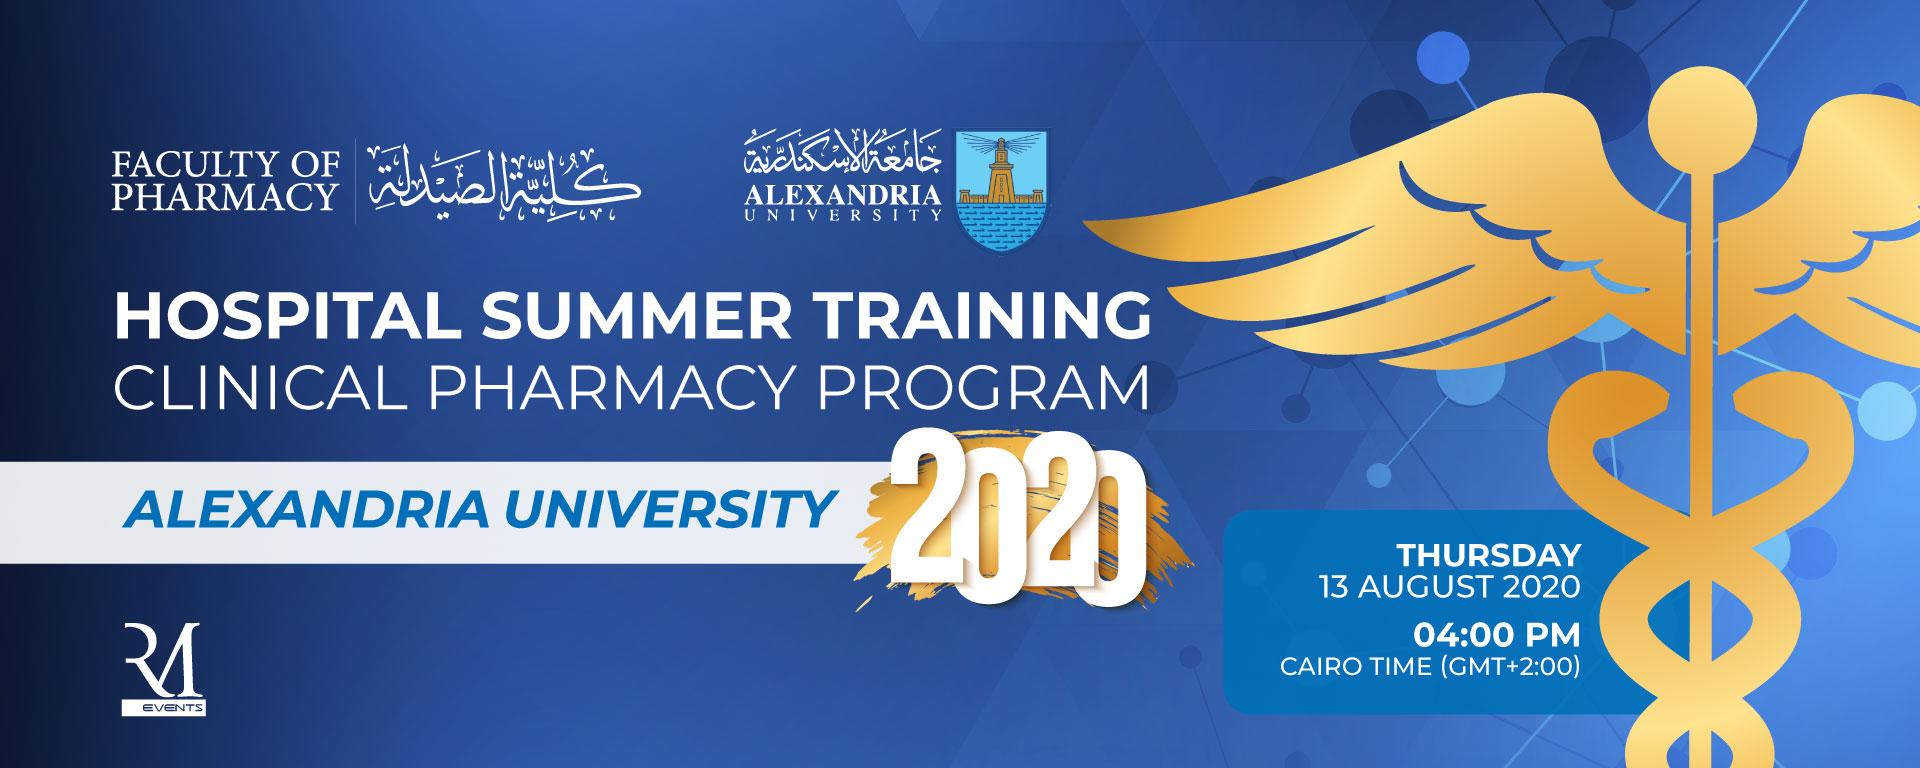 Hospital Summer Training